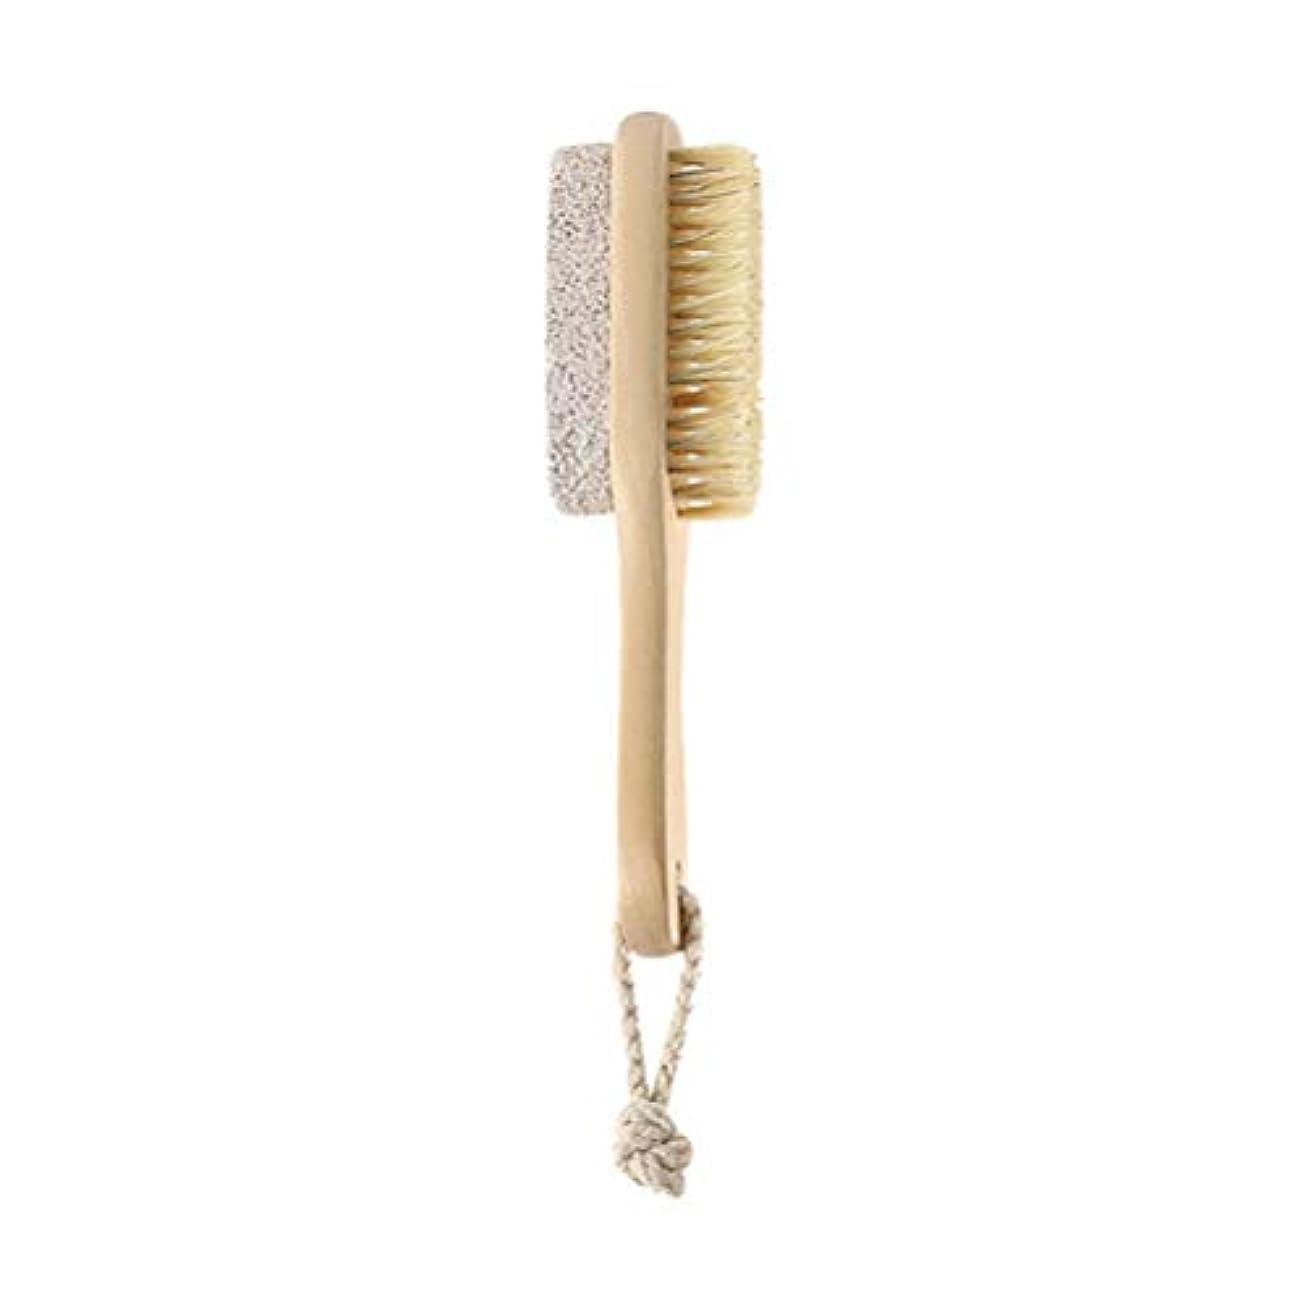 折記録ライトニングHEALIFTY 自然な毛の足のやすりやすりのブラシの軽石の石のカルスの除去剤木製のハンドルが付いている死んだ皮の除去剤